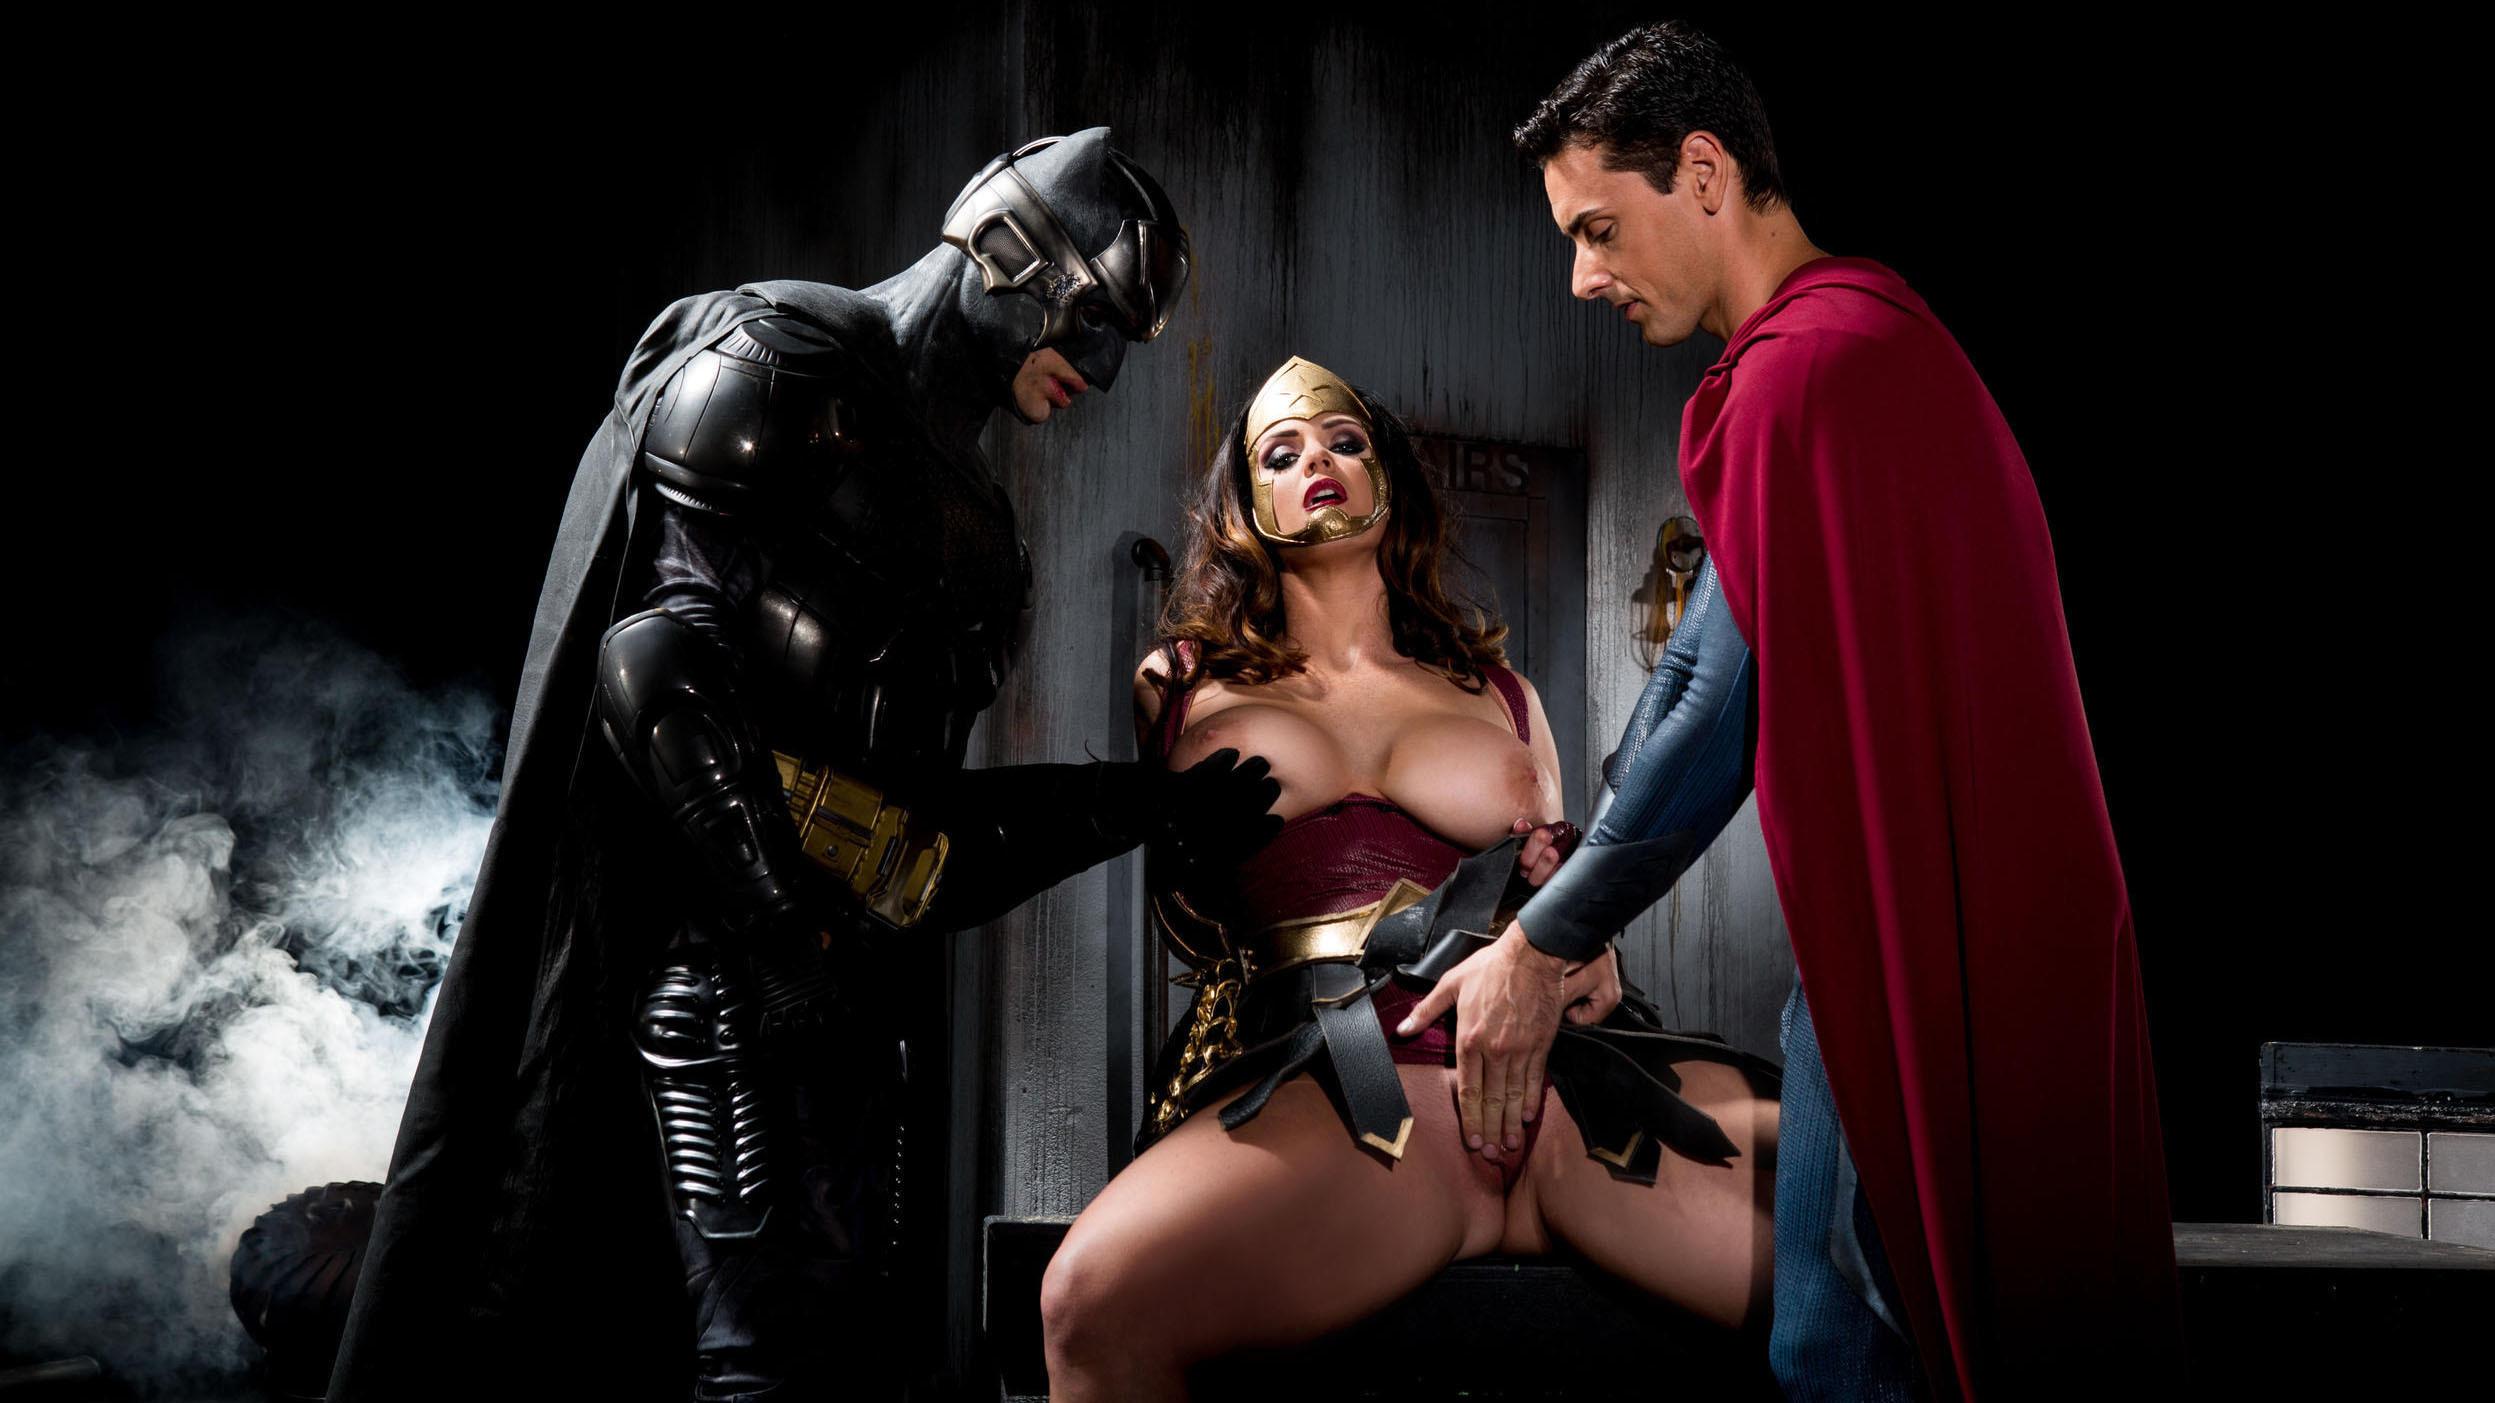 Секс супермена пародия 23 фотография